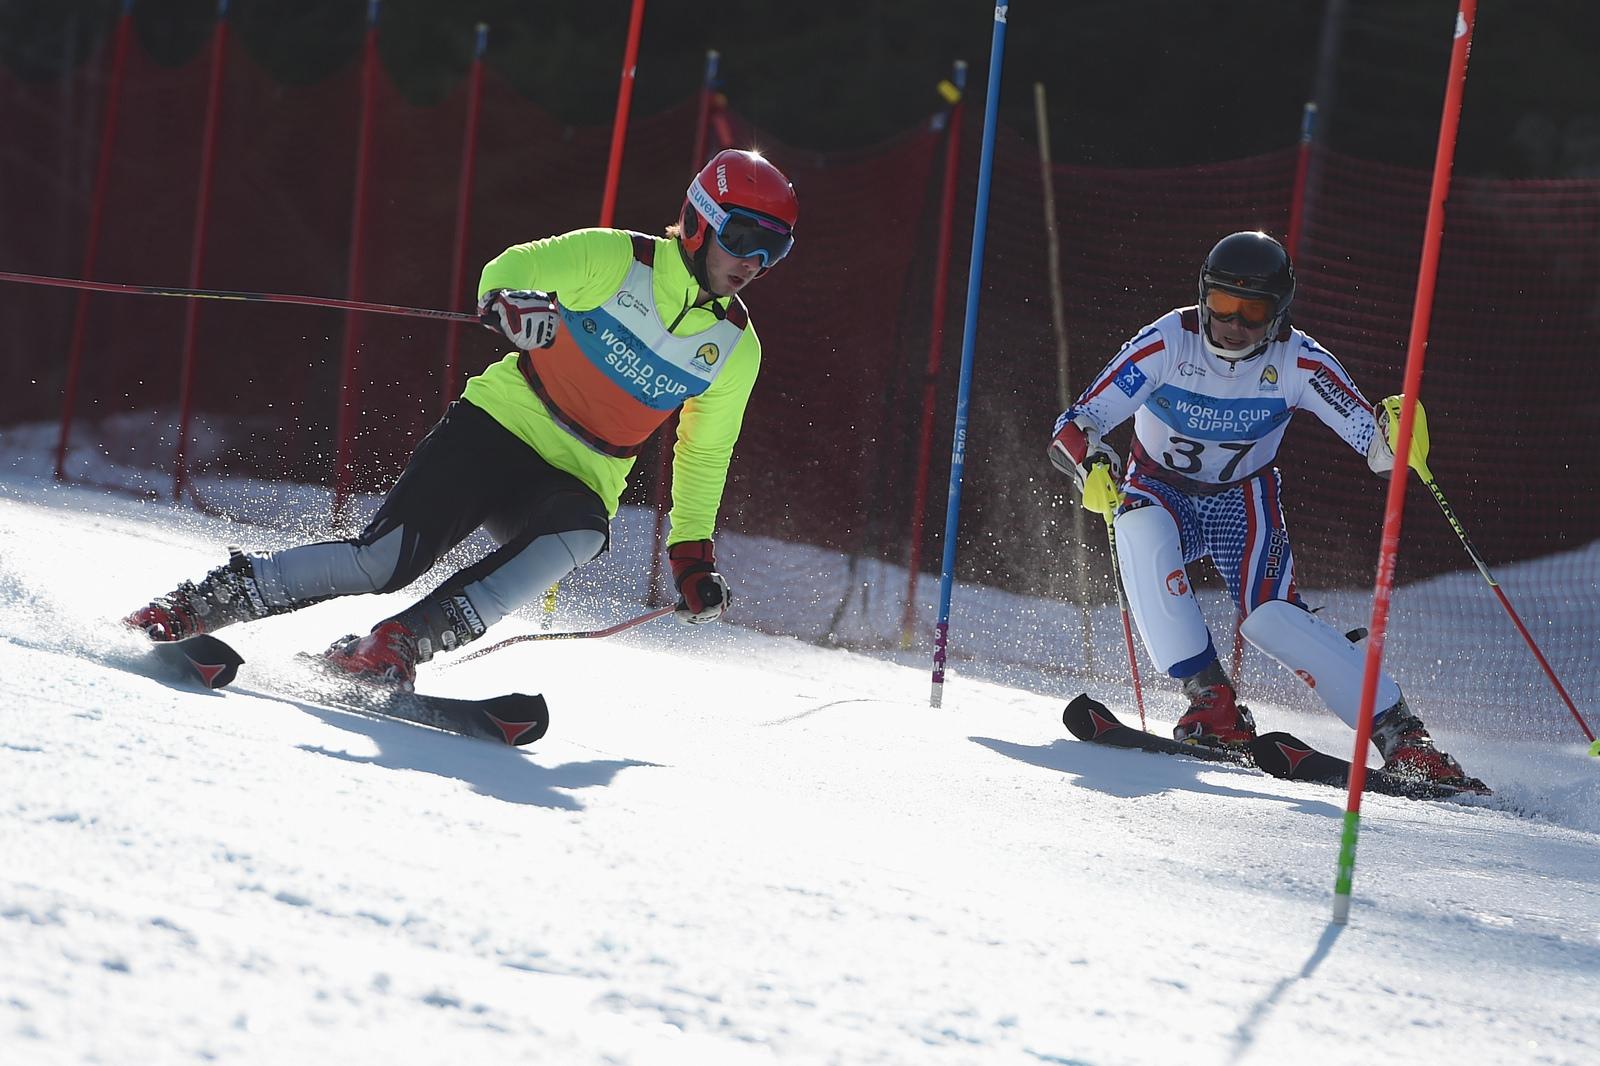 Сборная команда России заняла первое место в неофициальном общекомандном зачете чемпионата мира по горнолыжному спорту среди лиц с поражением опорно-двигательного аппарата и нарушением зрения в Канаде